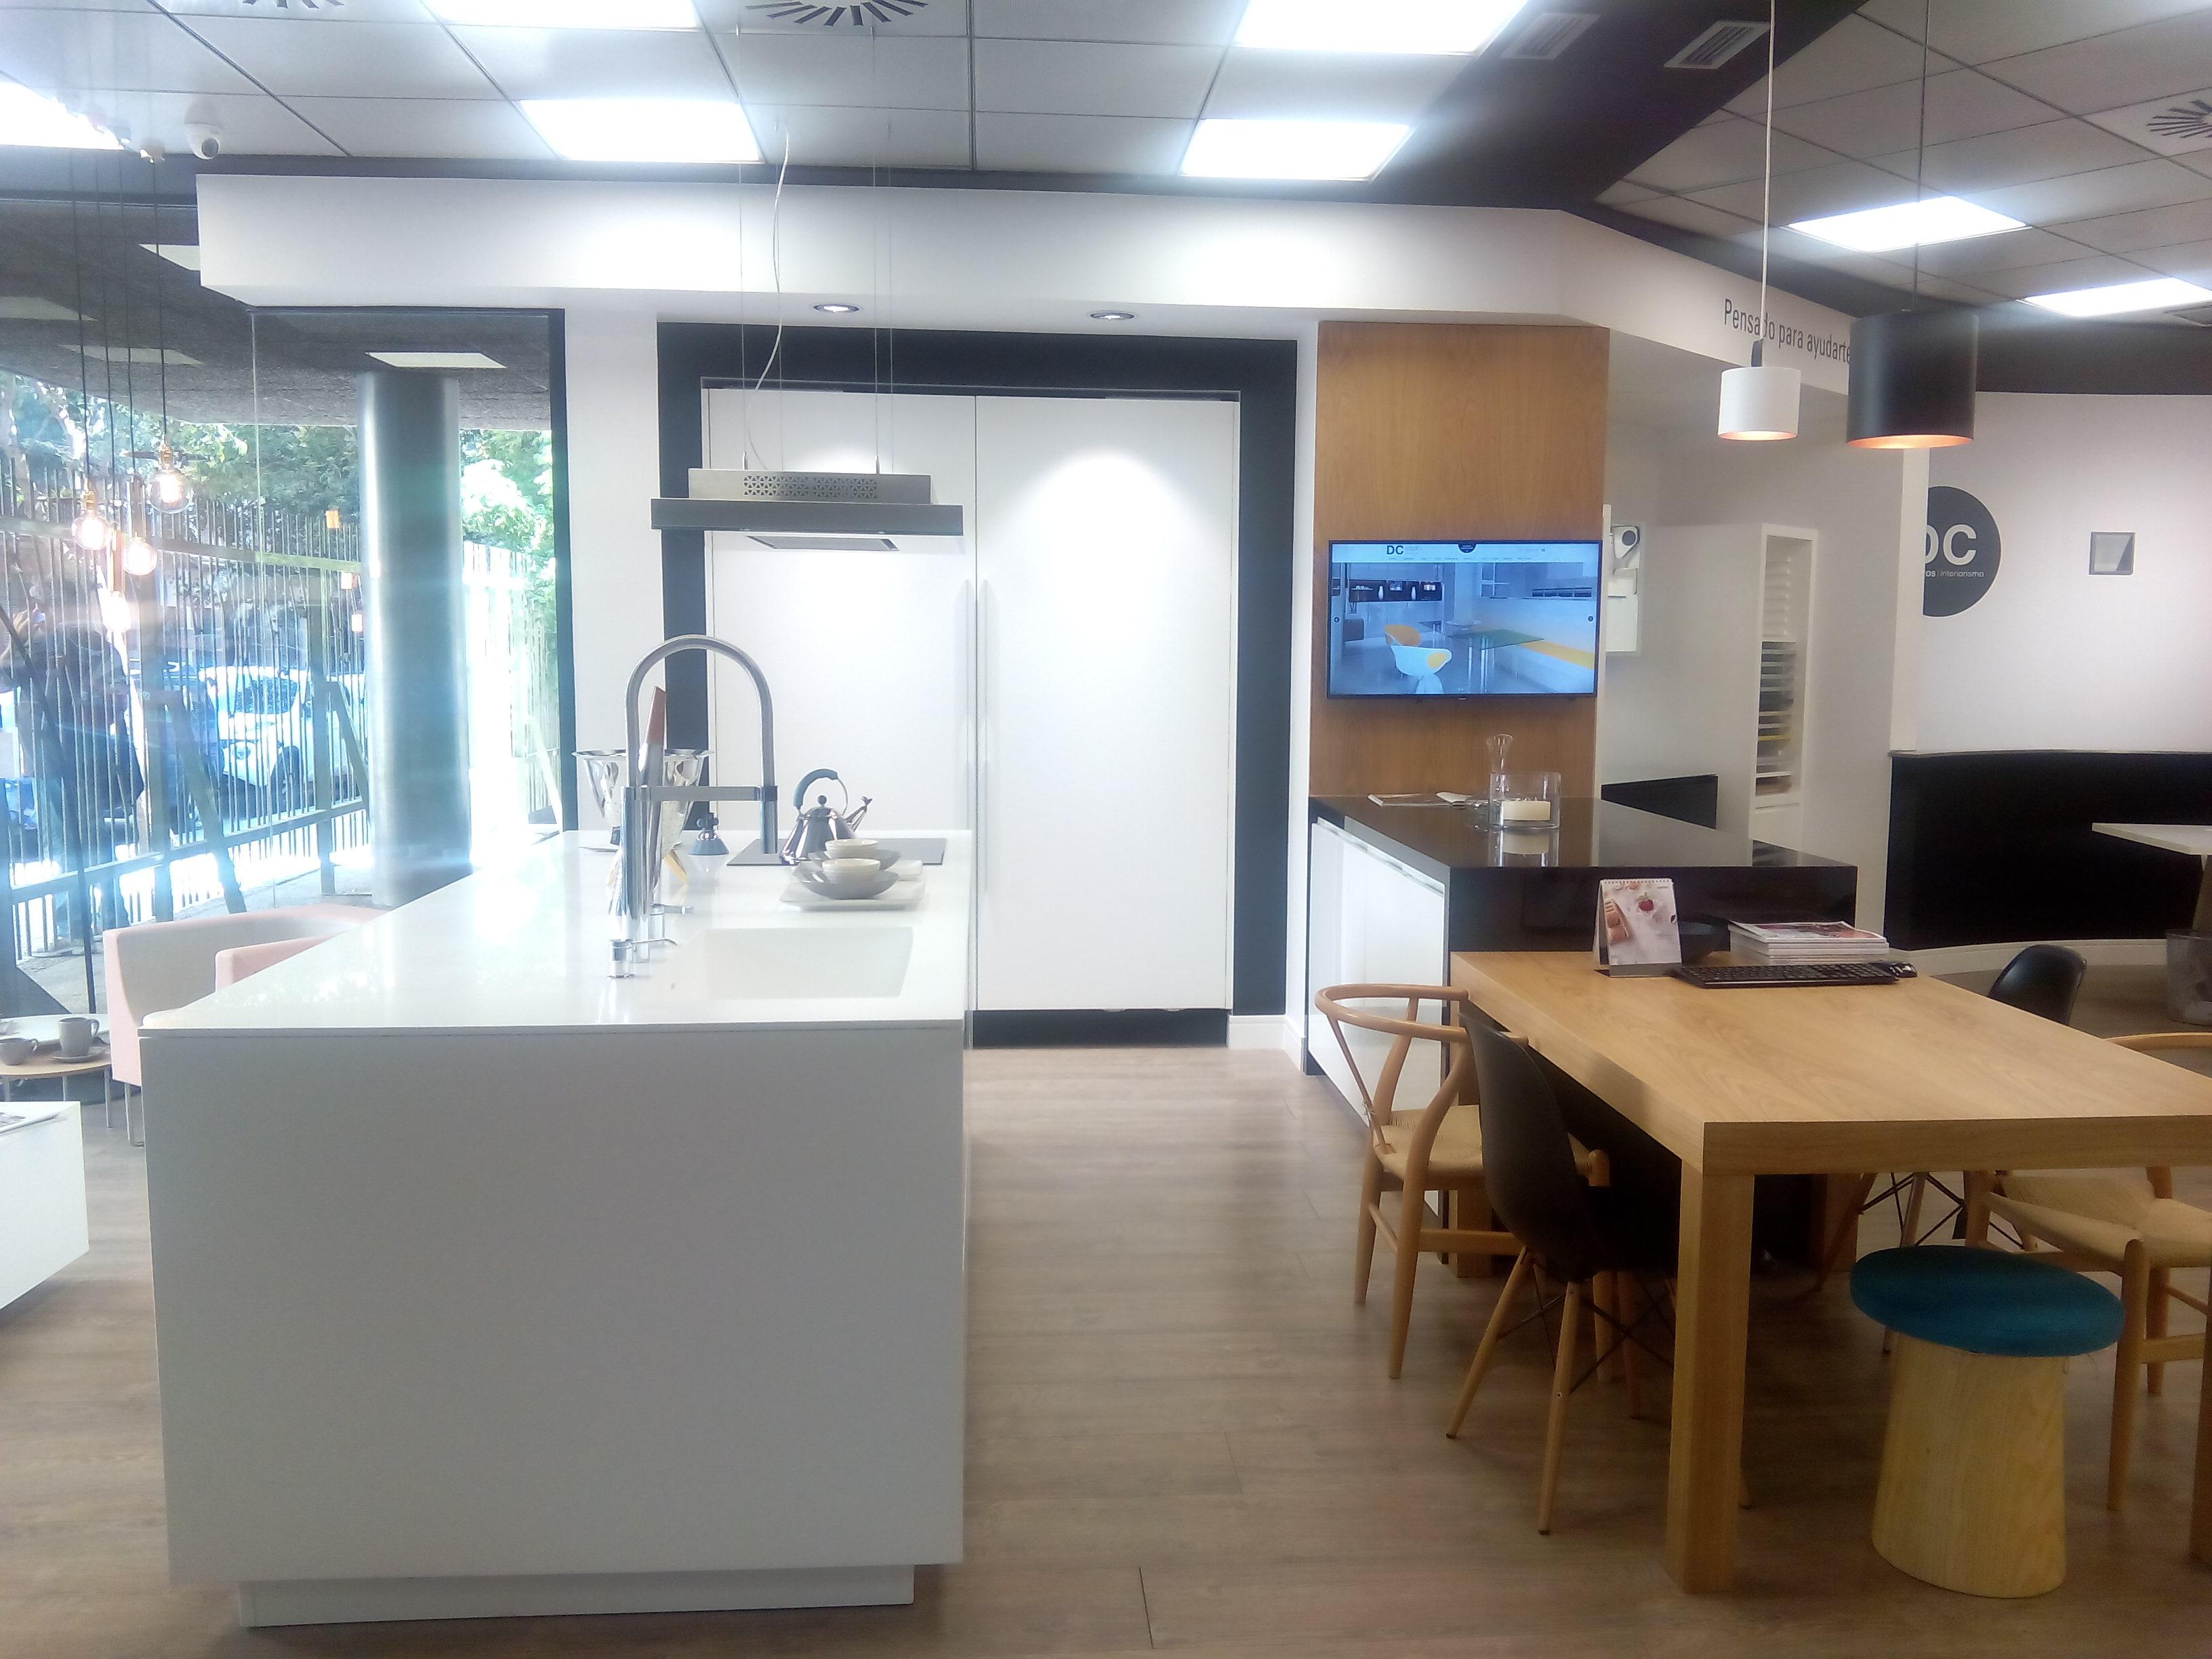 Cocina Santos Intra / Coplanar + Encimera + Mesa – 14.155 € + IVA ...